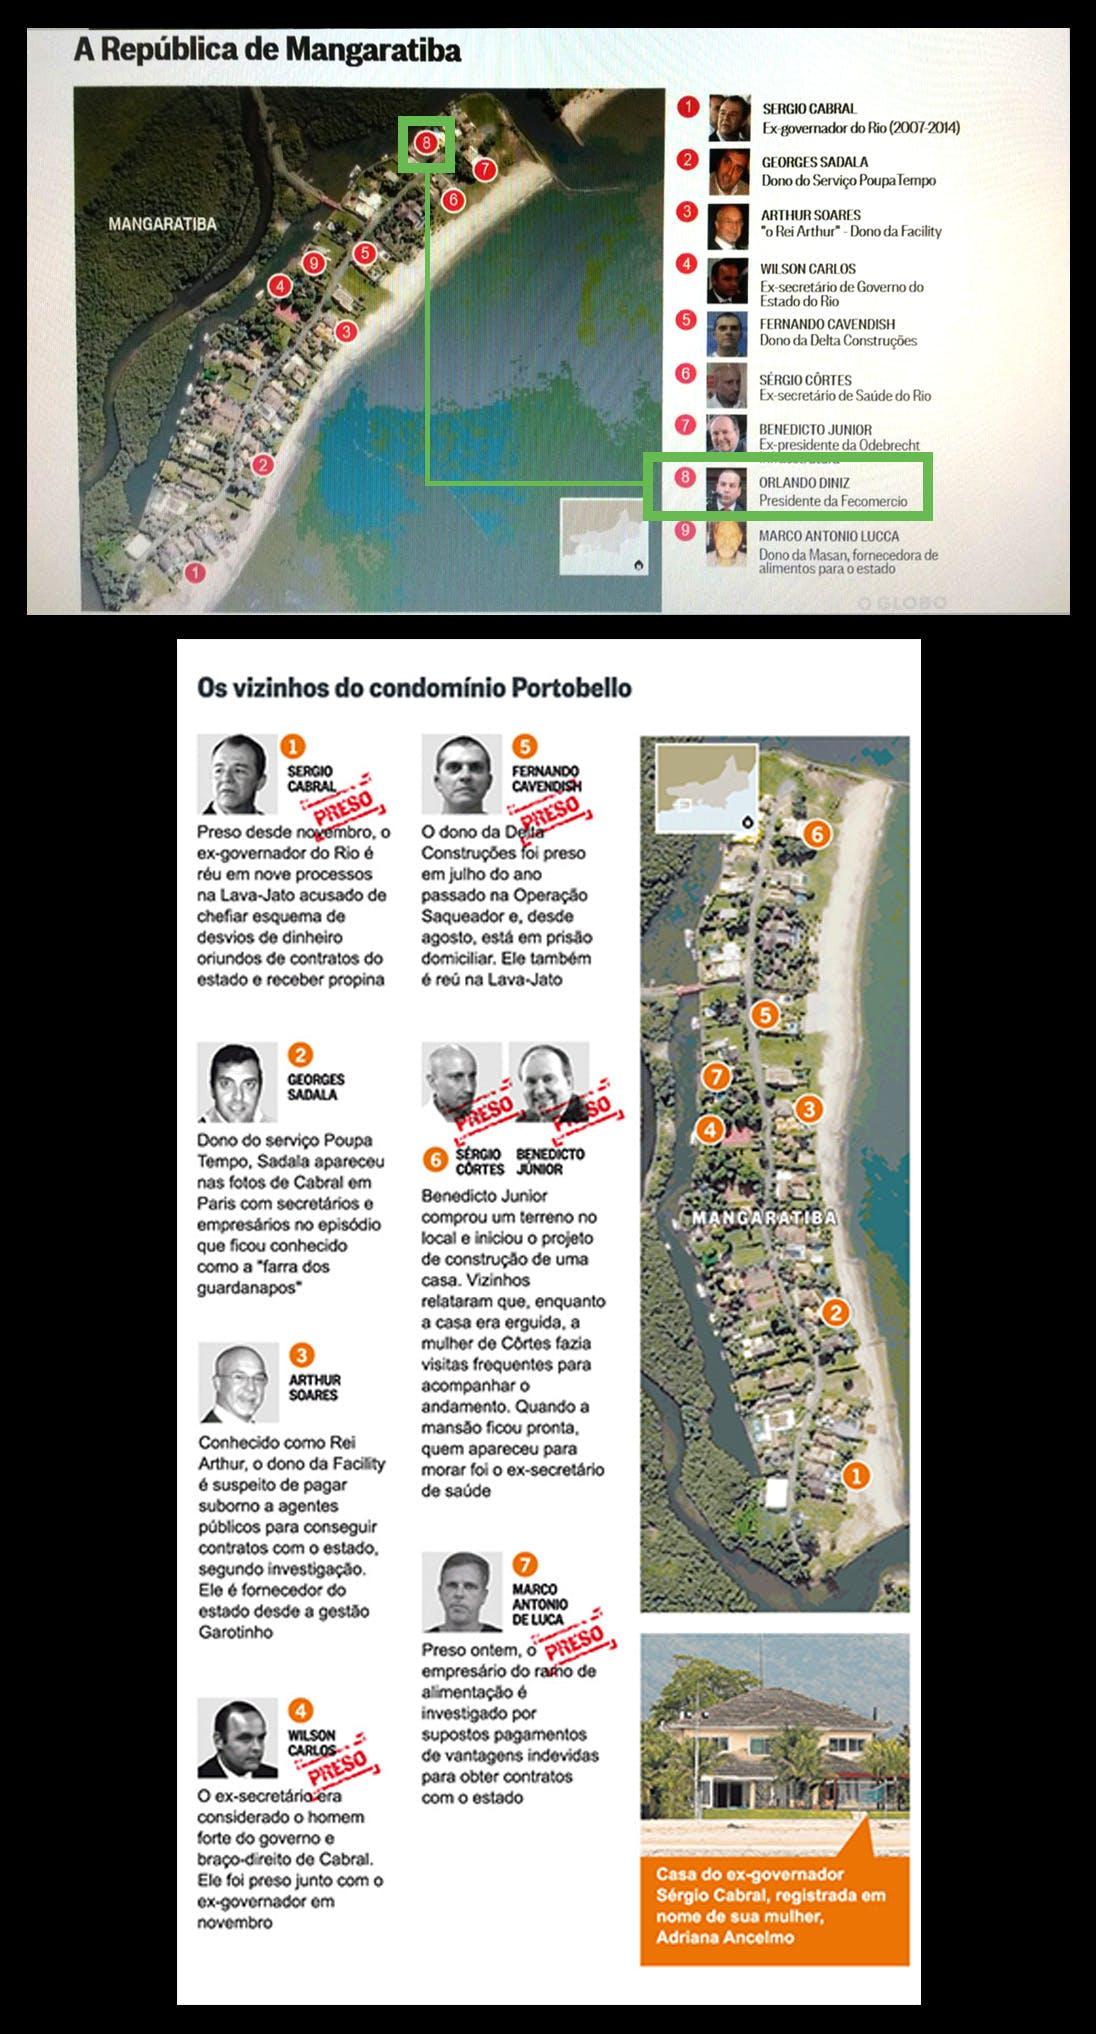 Gráficos publicados no site de O Globo